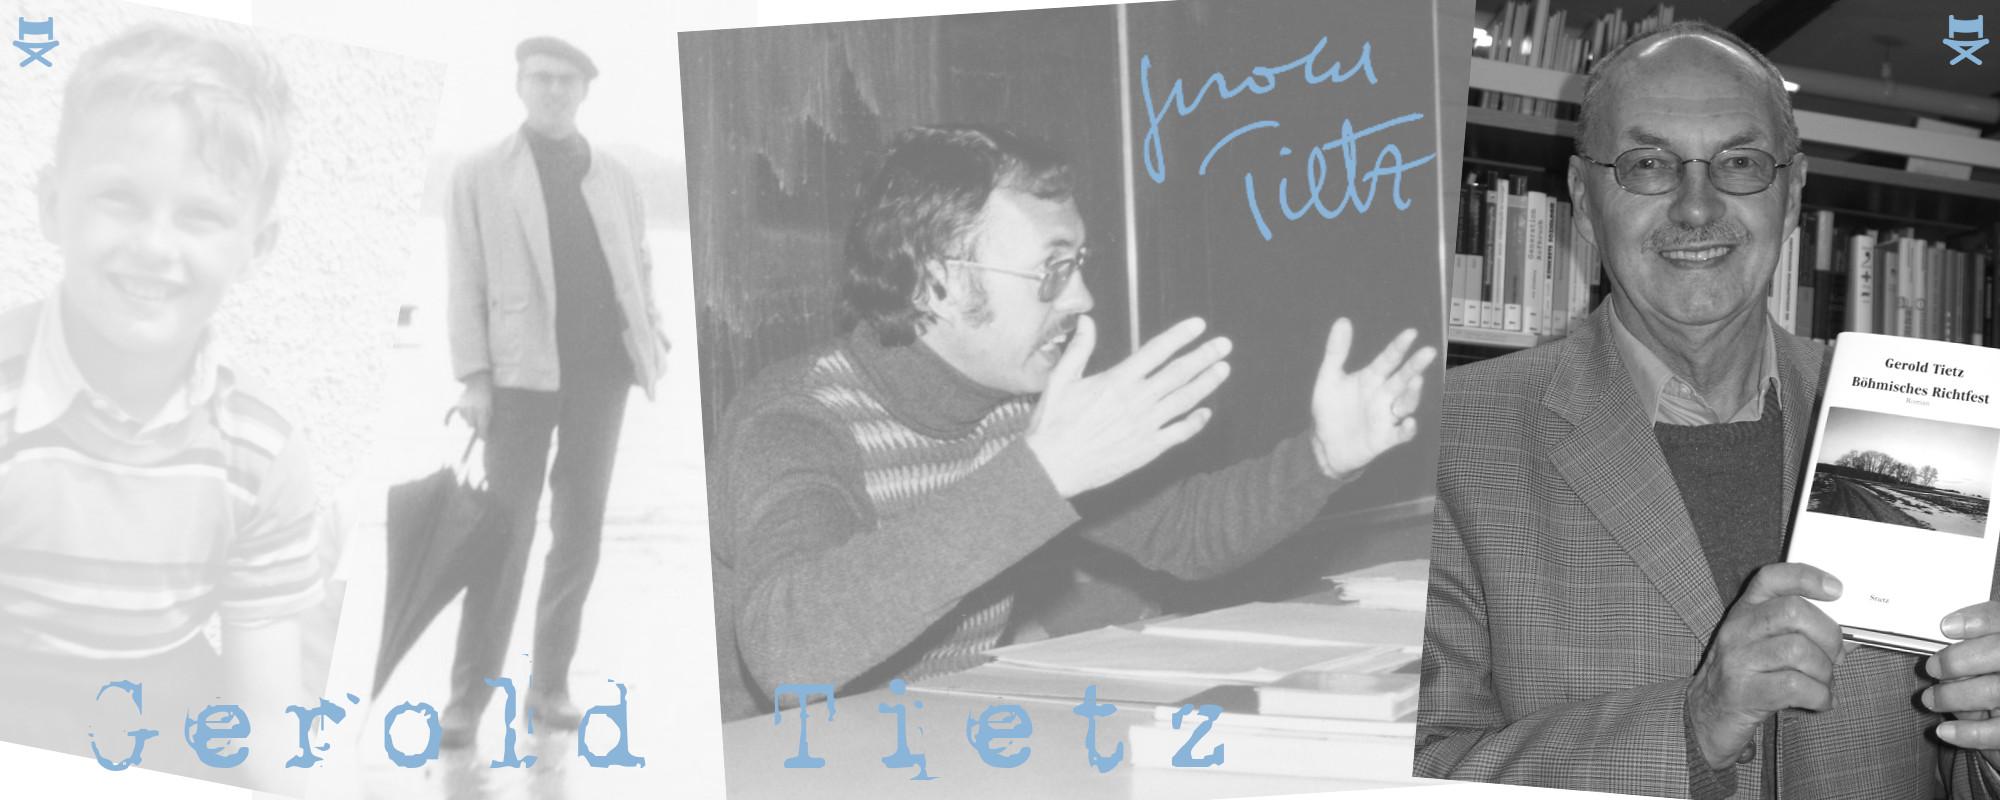 Gerold-Tietz-Schriftsteller-Autor-Vita-Leben-Buecher